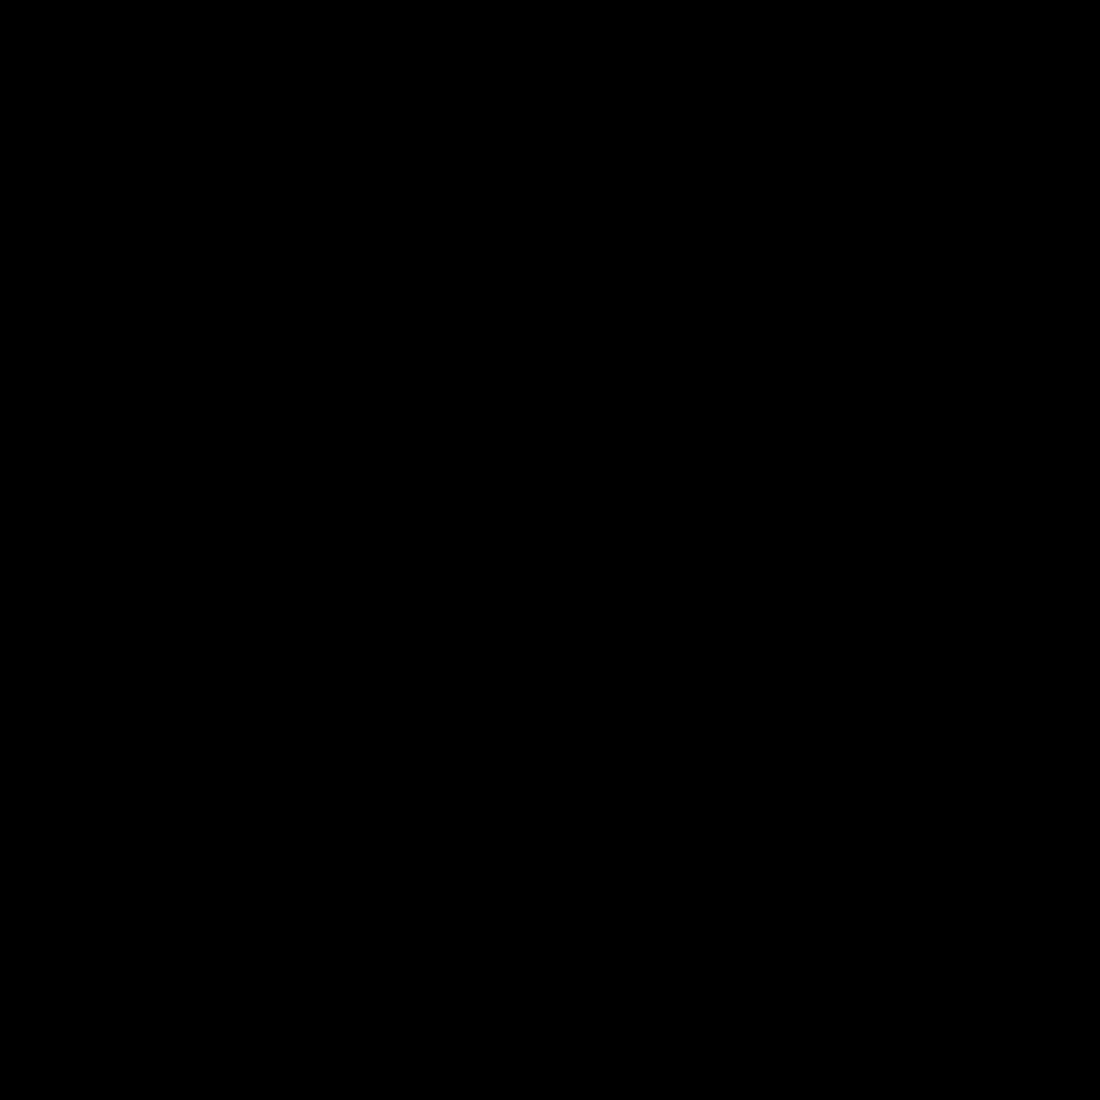 dazn-logo-3